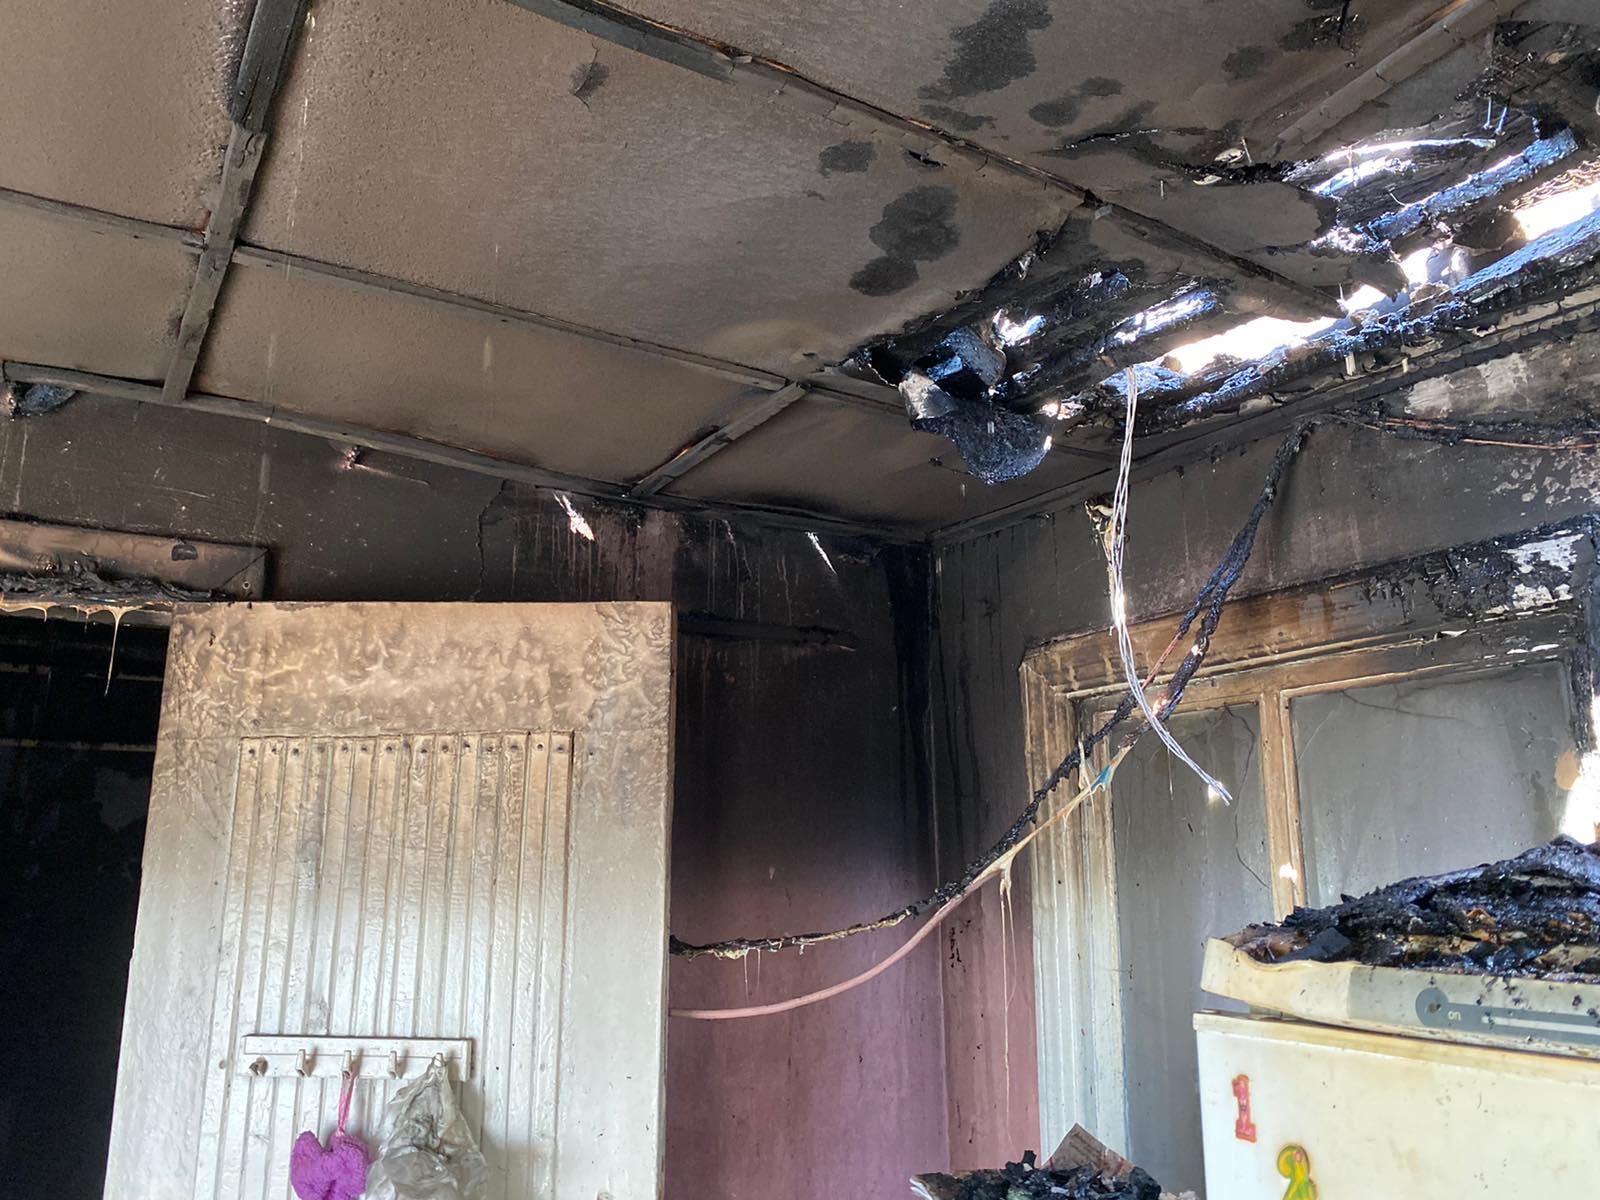 На Броварщині вогонь пошкодив житловий будинок -  - yzobrazhenye viber 2020 04 29 12 46 33i